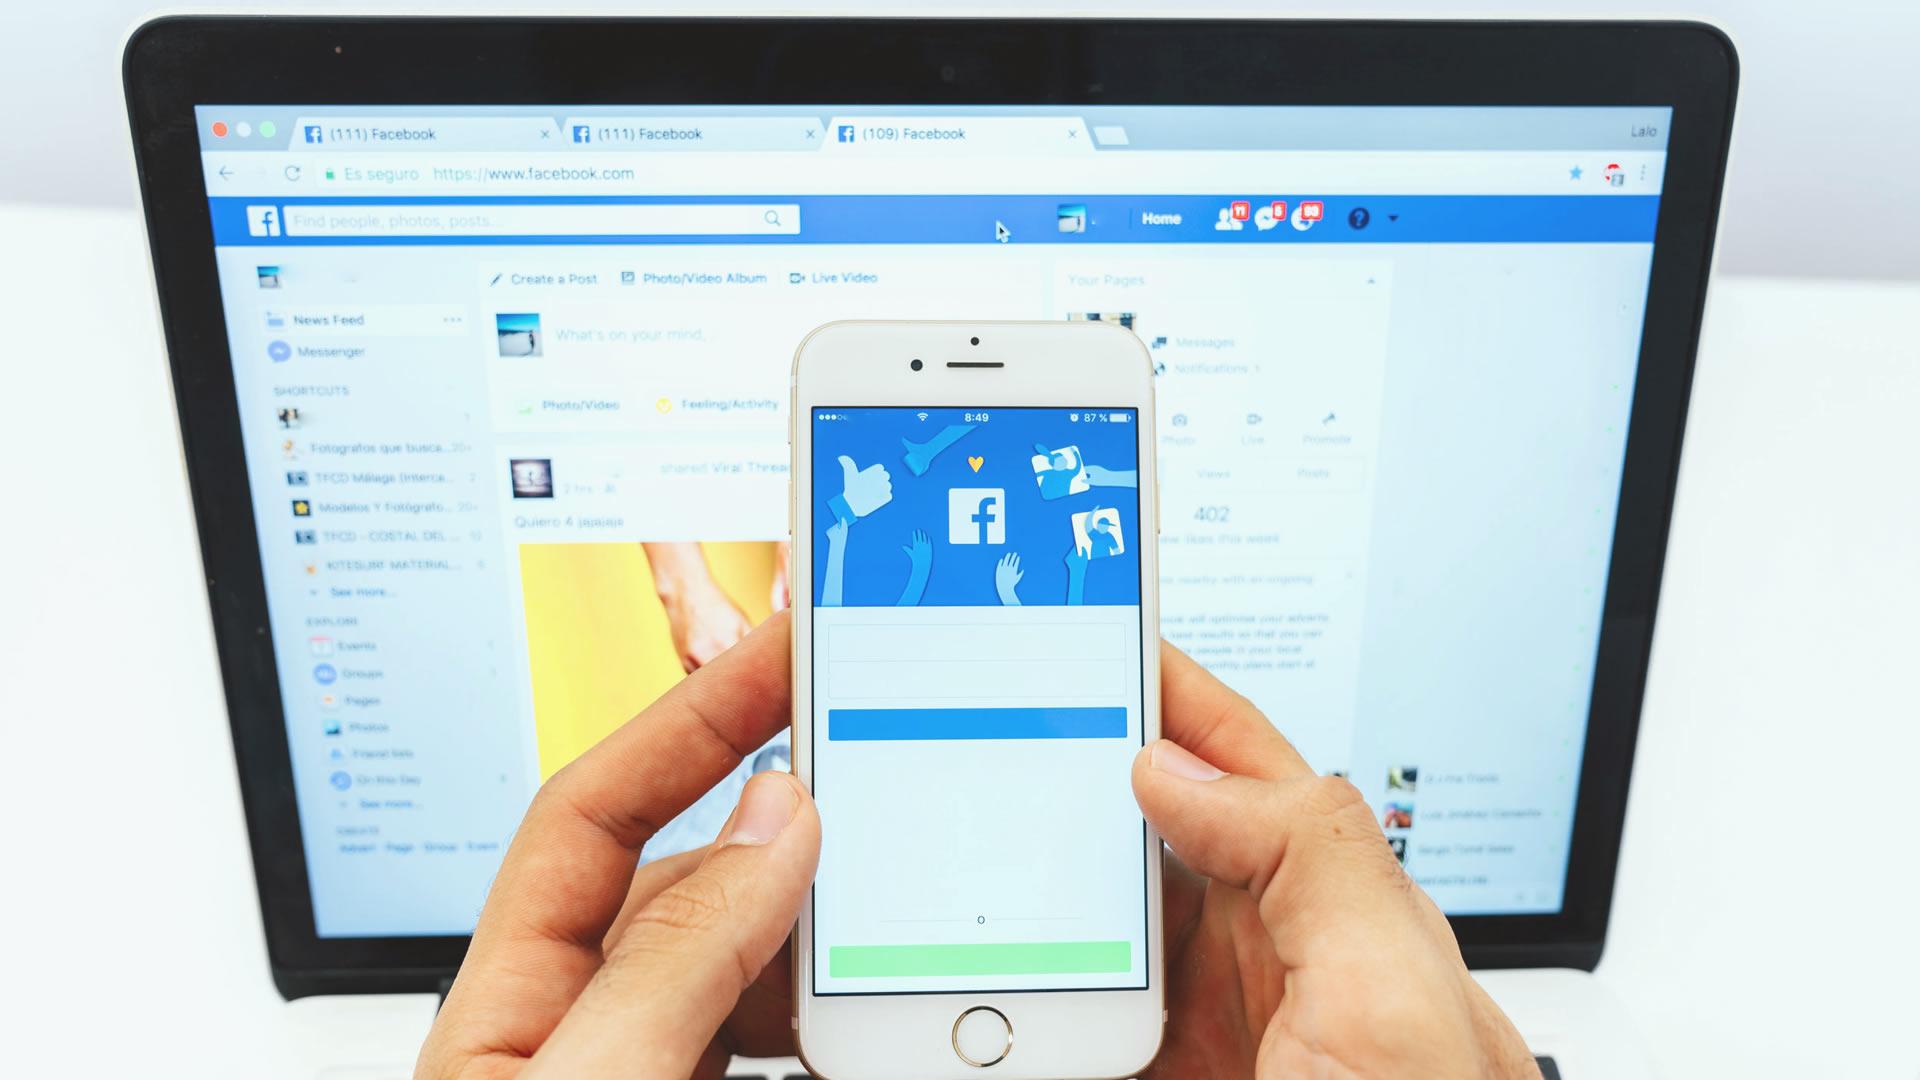 Contactos Confiables de Facebook, Contactos de Confianza